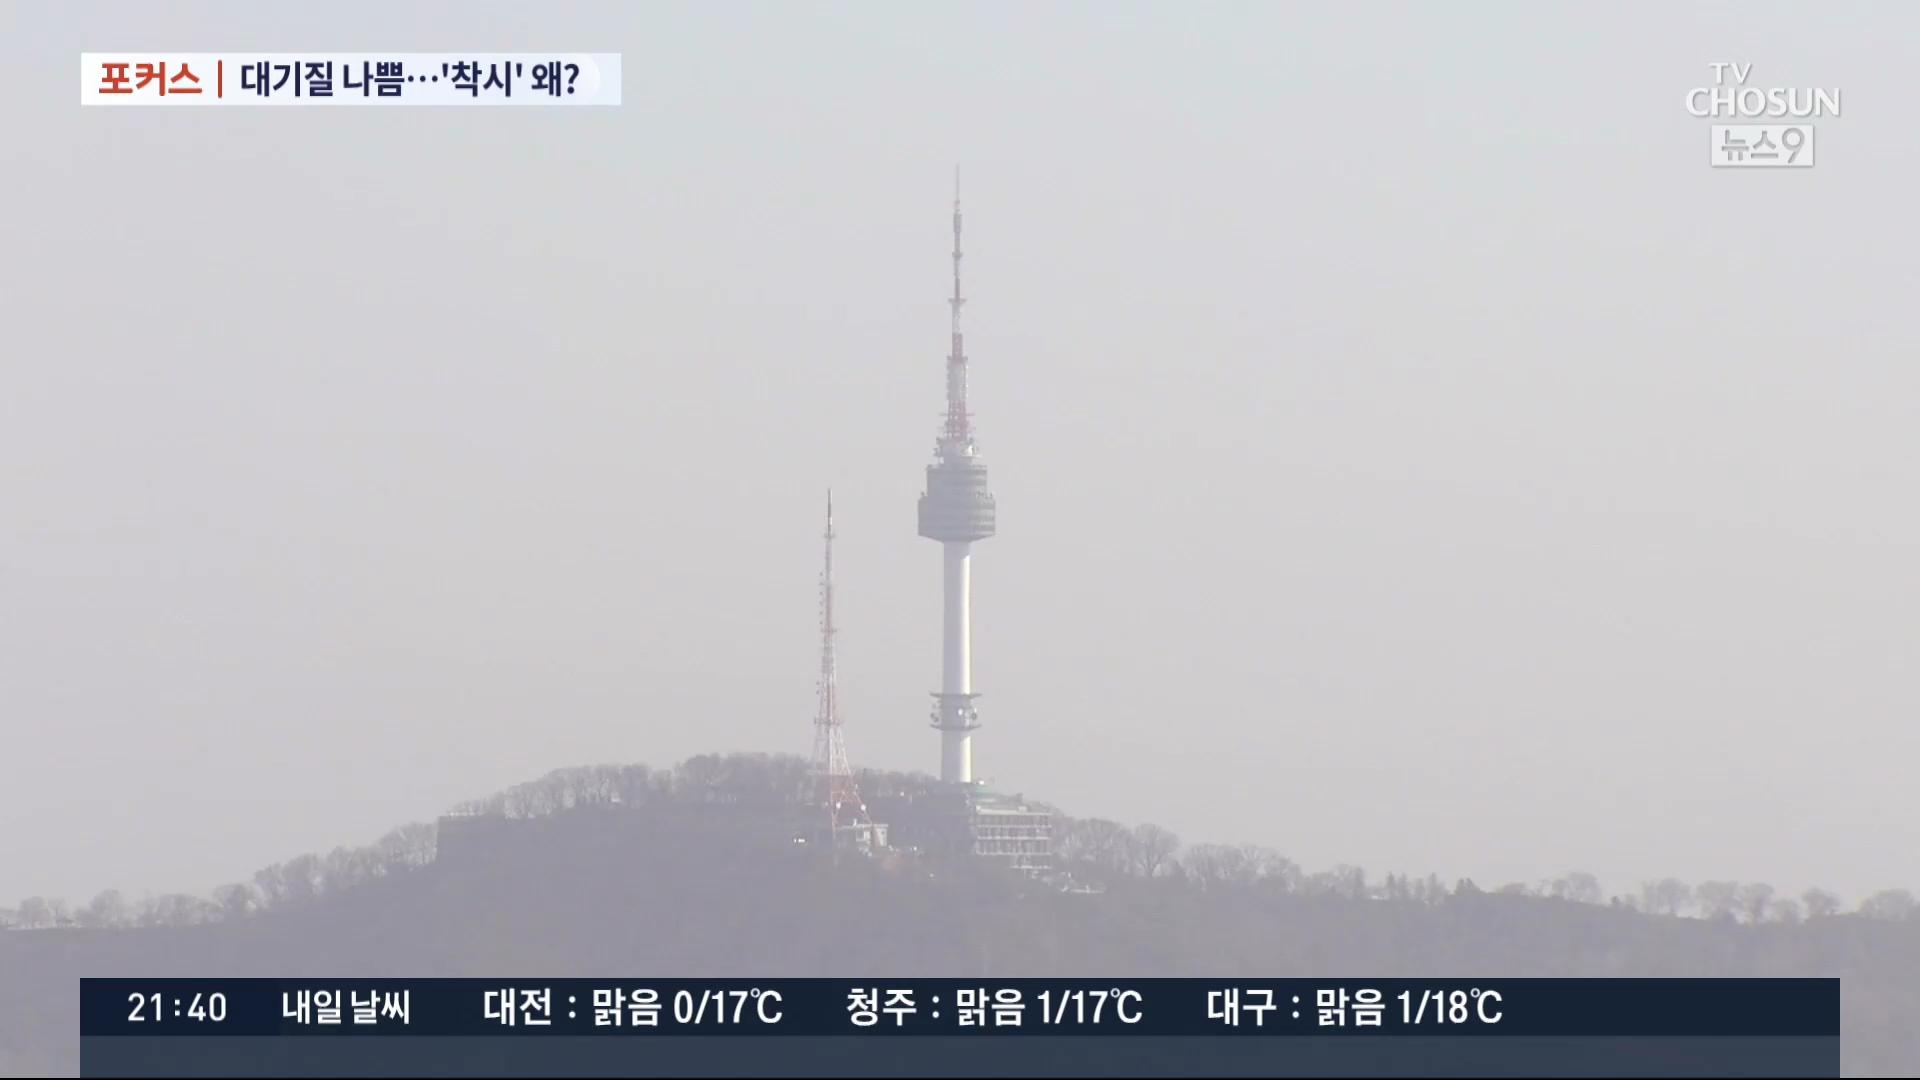 [포커스] 中 최악 황사 뒤덮인 한반도…하늘 맑아도 공기질 나쁘다?